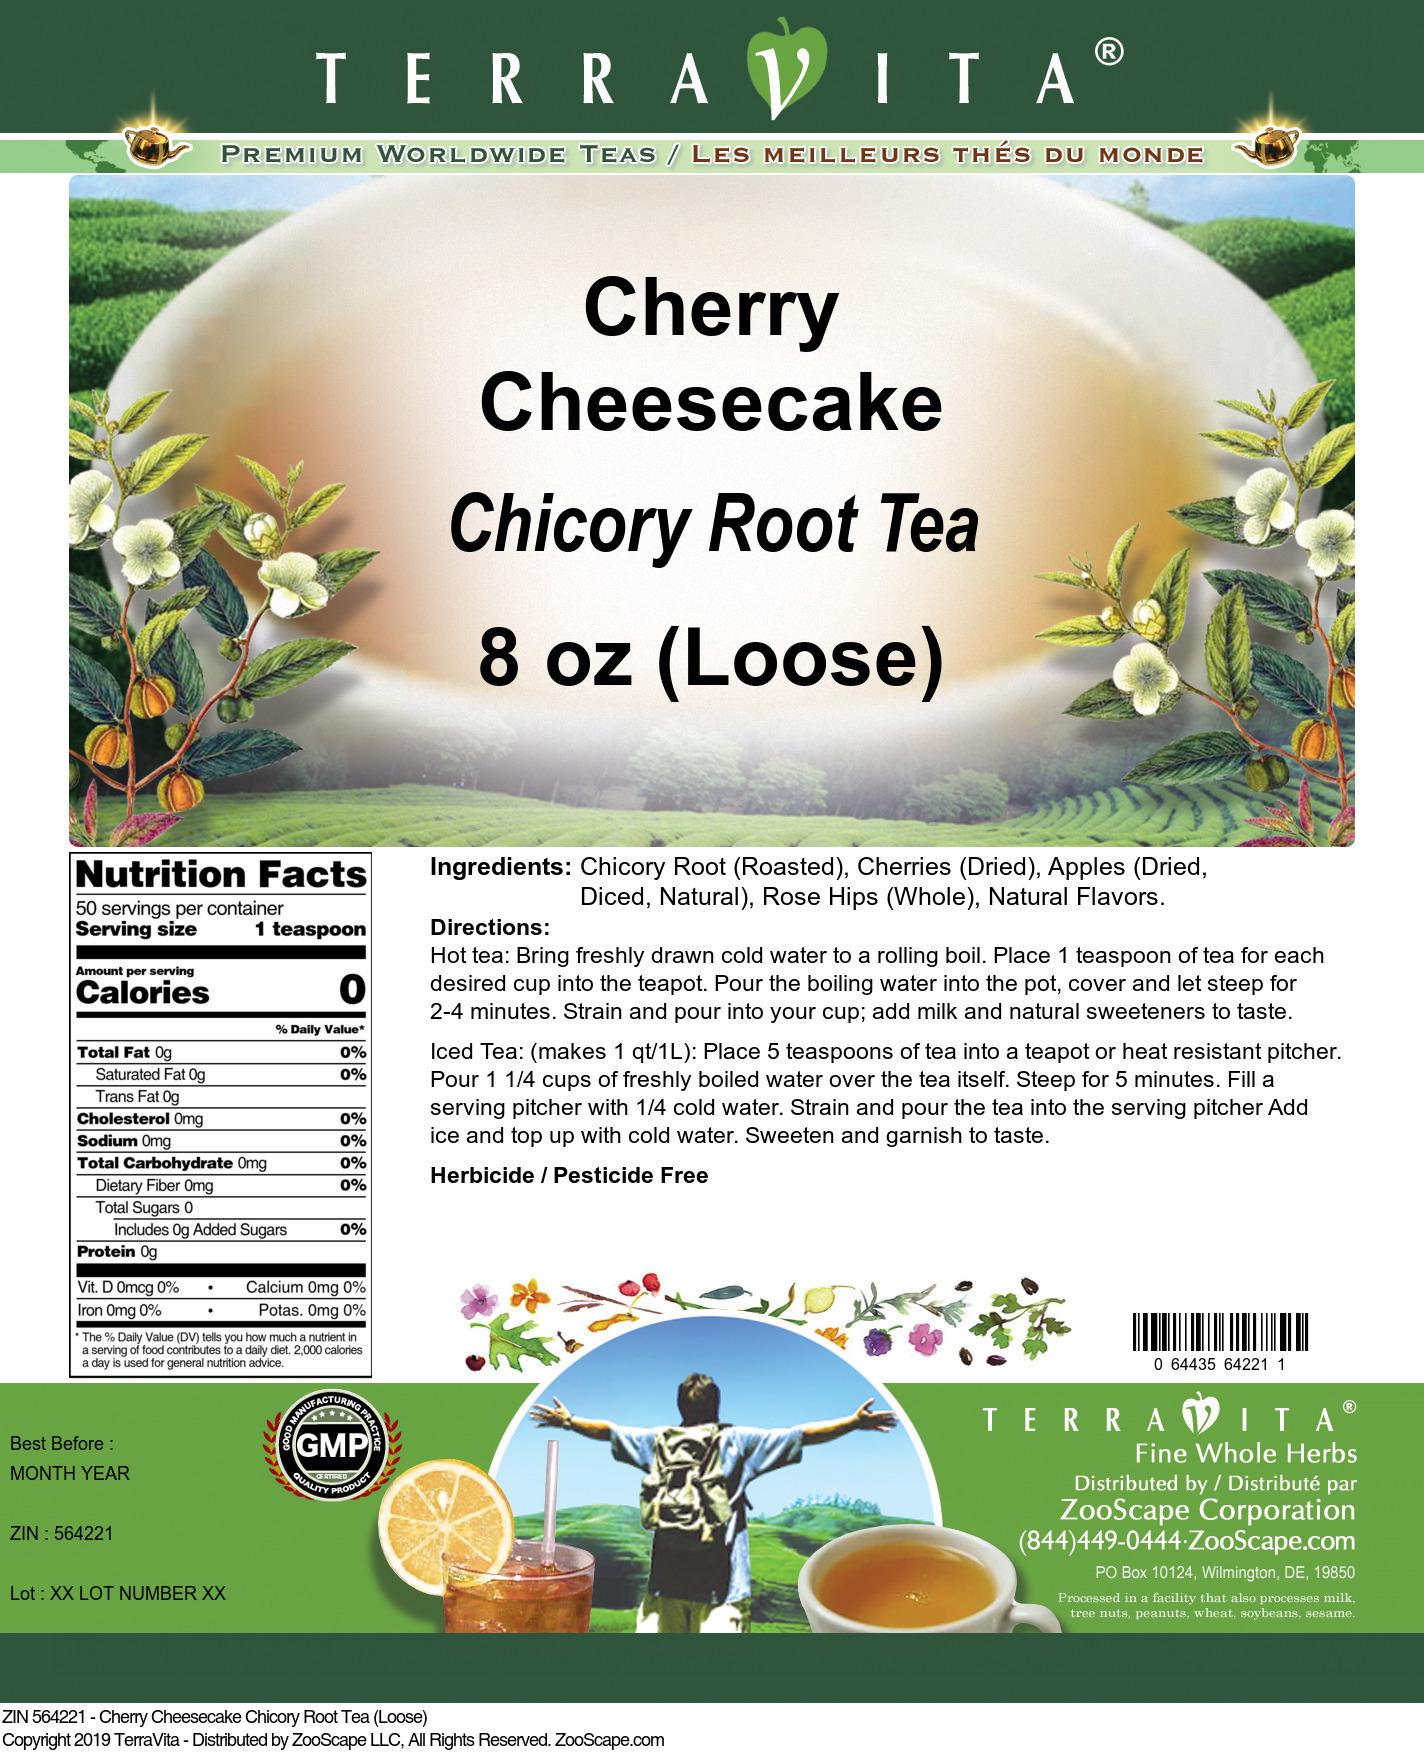 Cherry Cheesecake Chicory Root